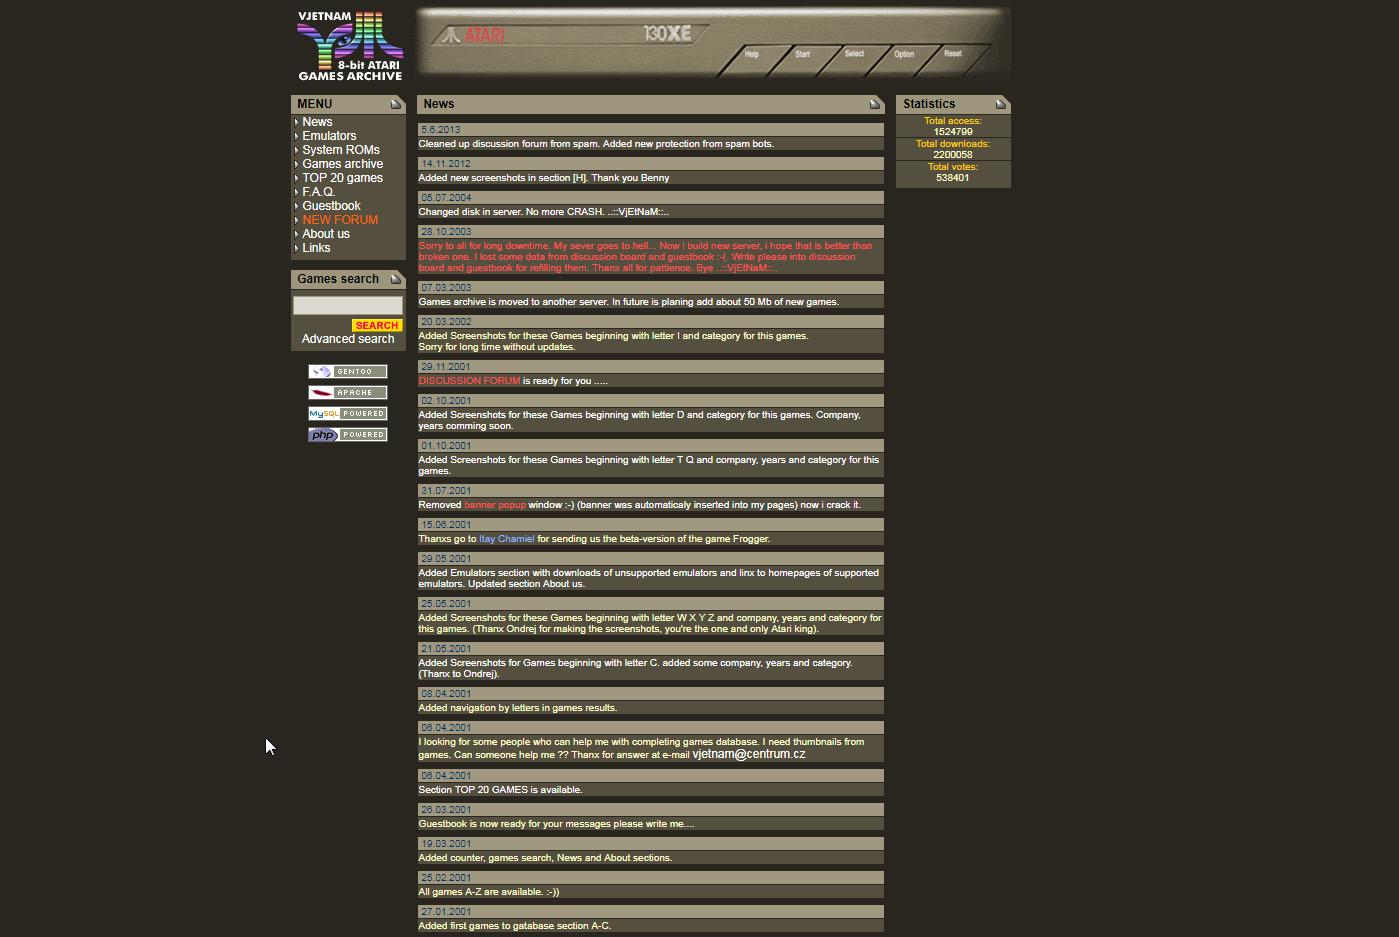 Screenshot of website Vjetnam 8-bit Atari games archive